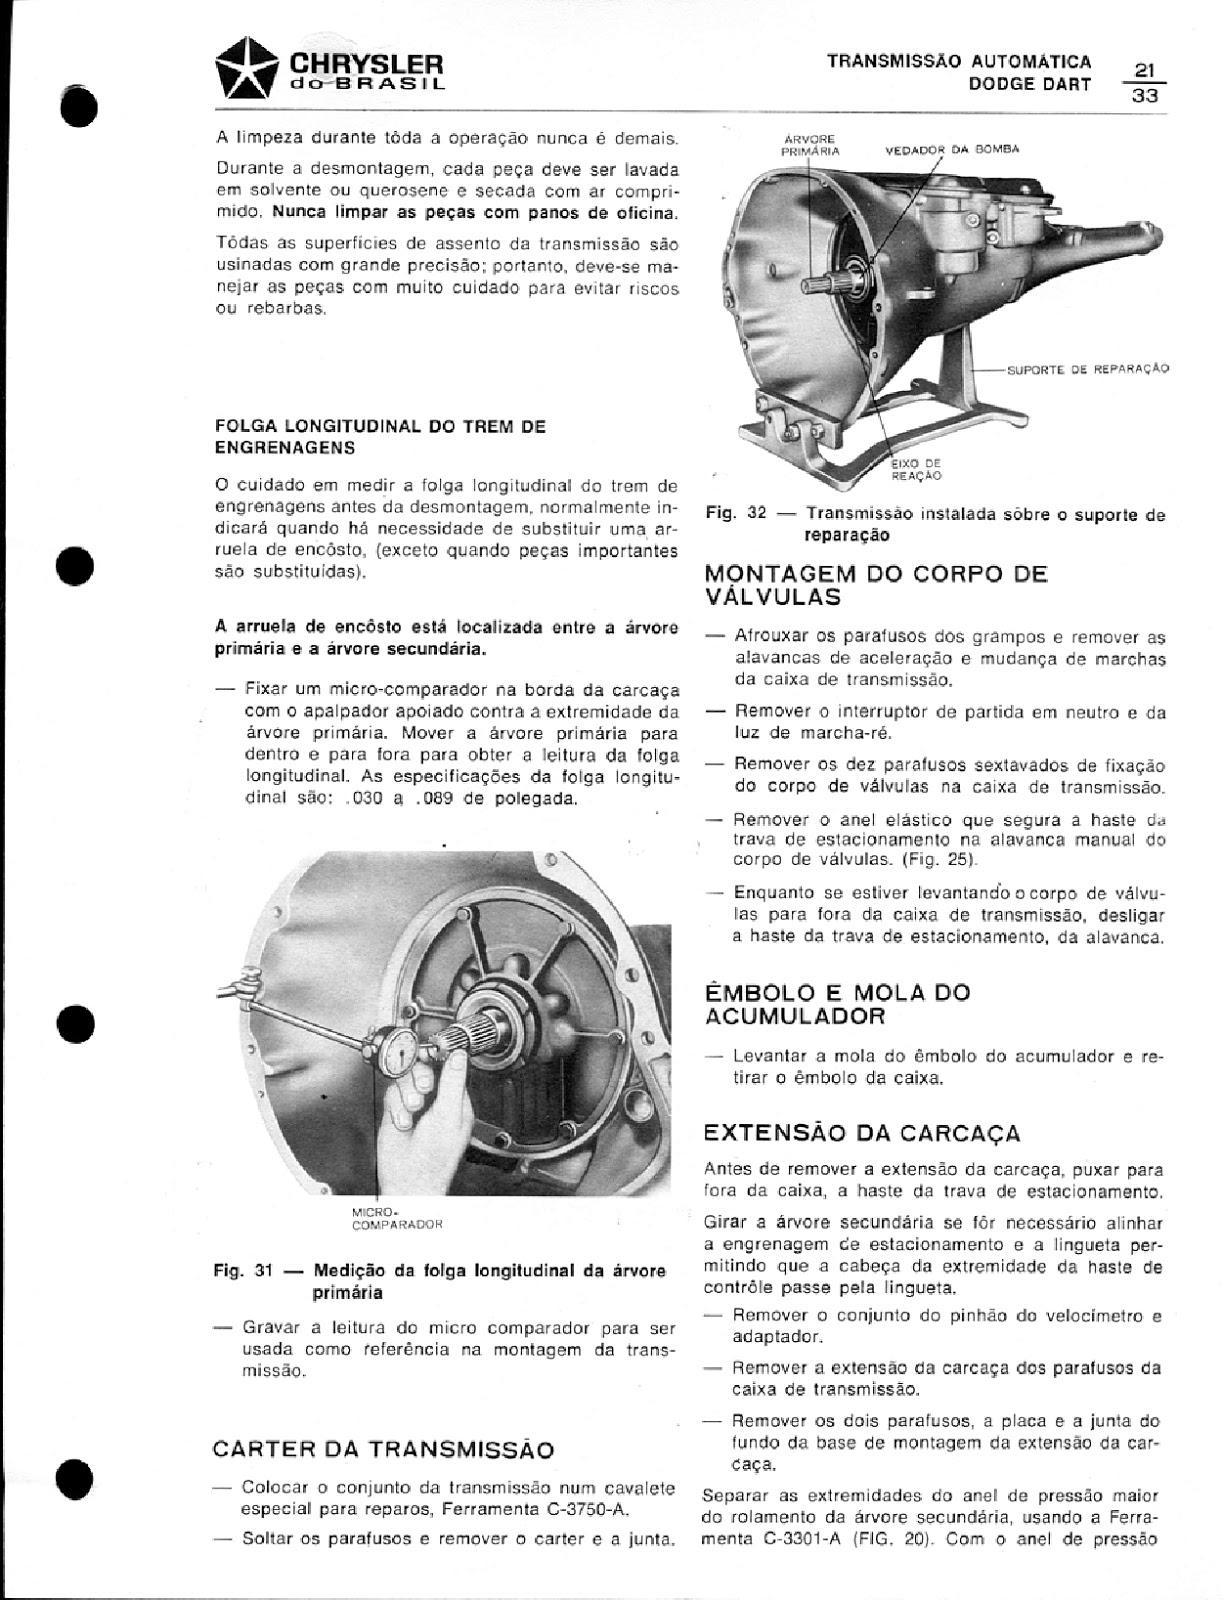 MANUAIS DO PROPRIETÁRIO GRÁTIS: MANUAL DE SERVIÇO DODGE 1979